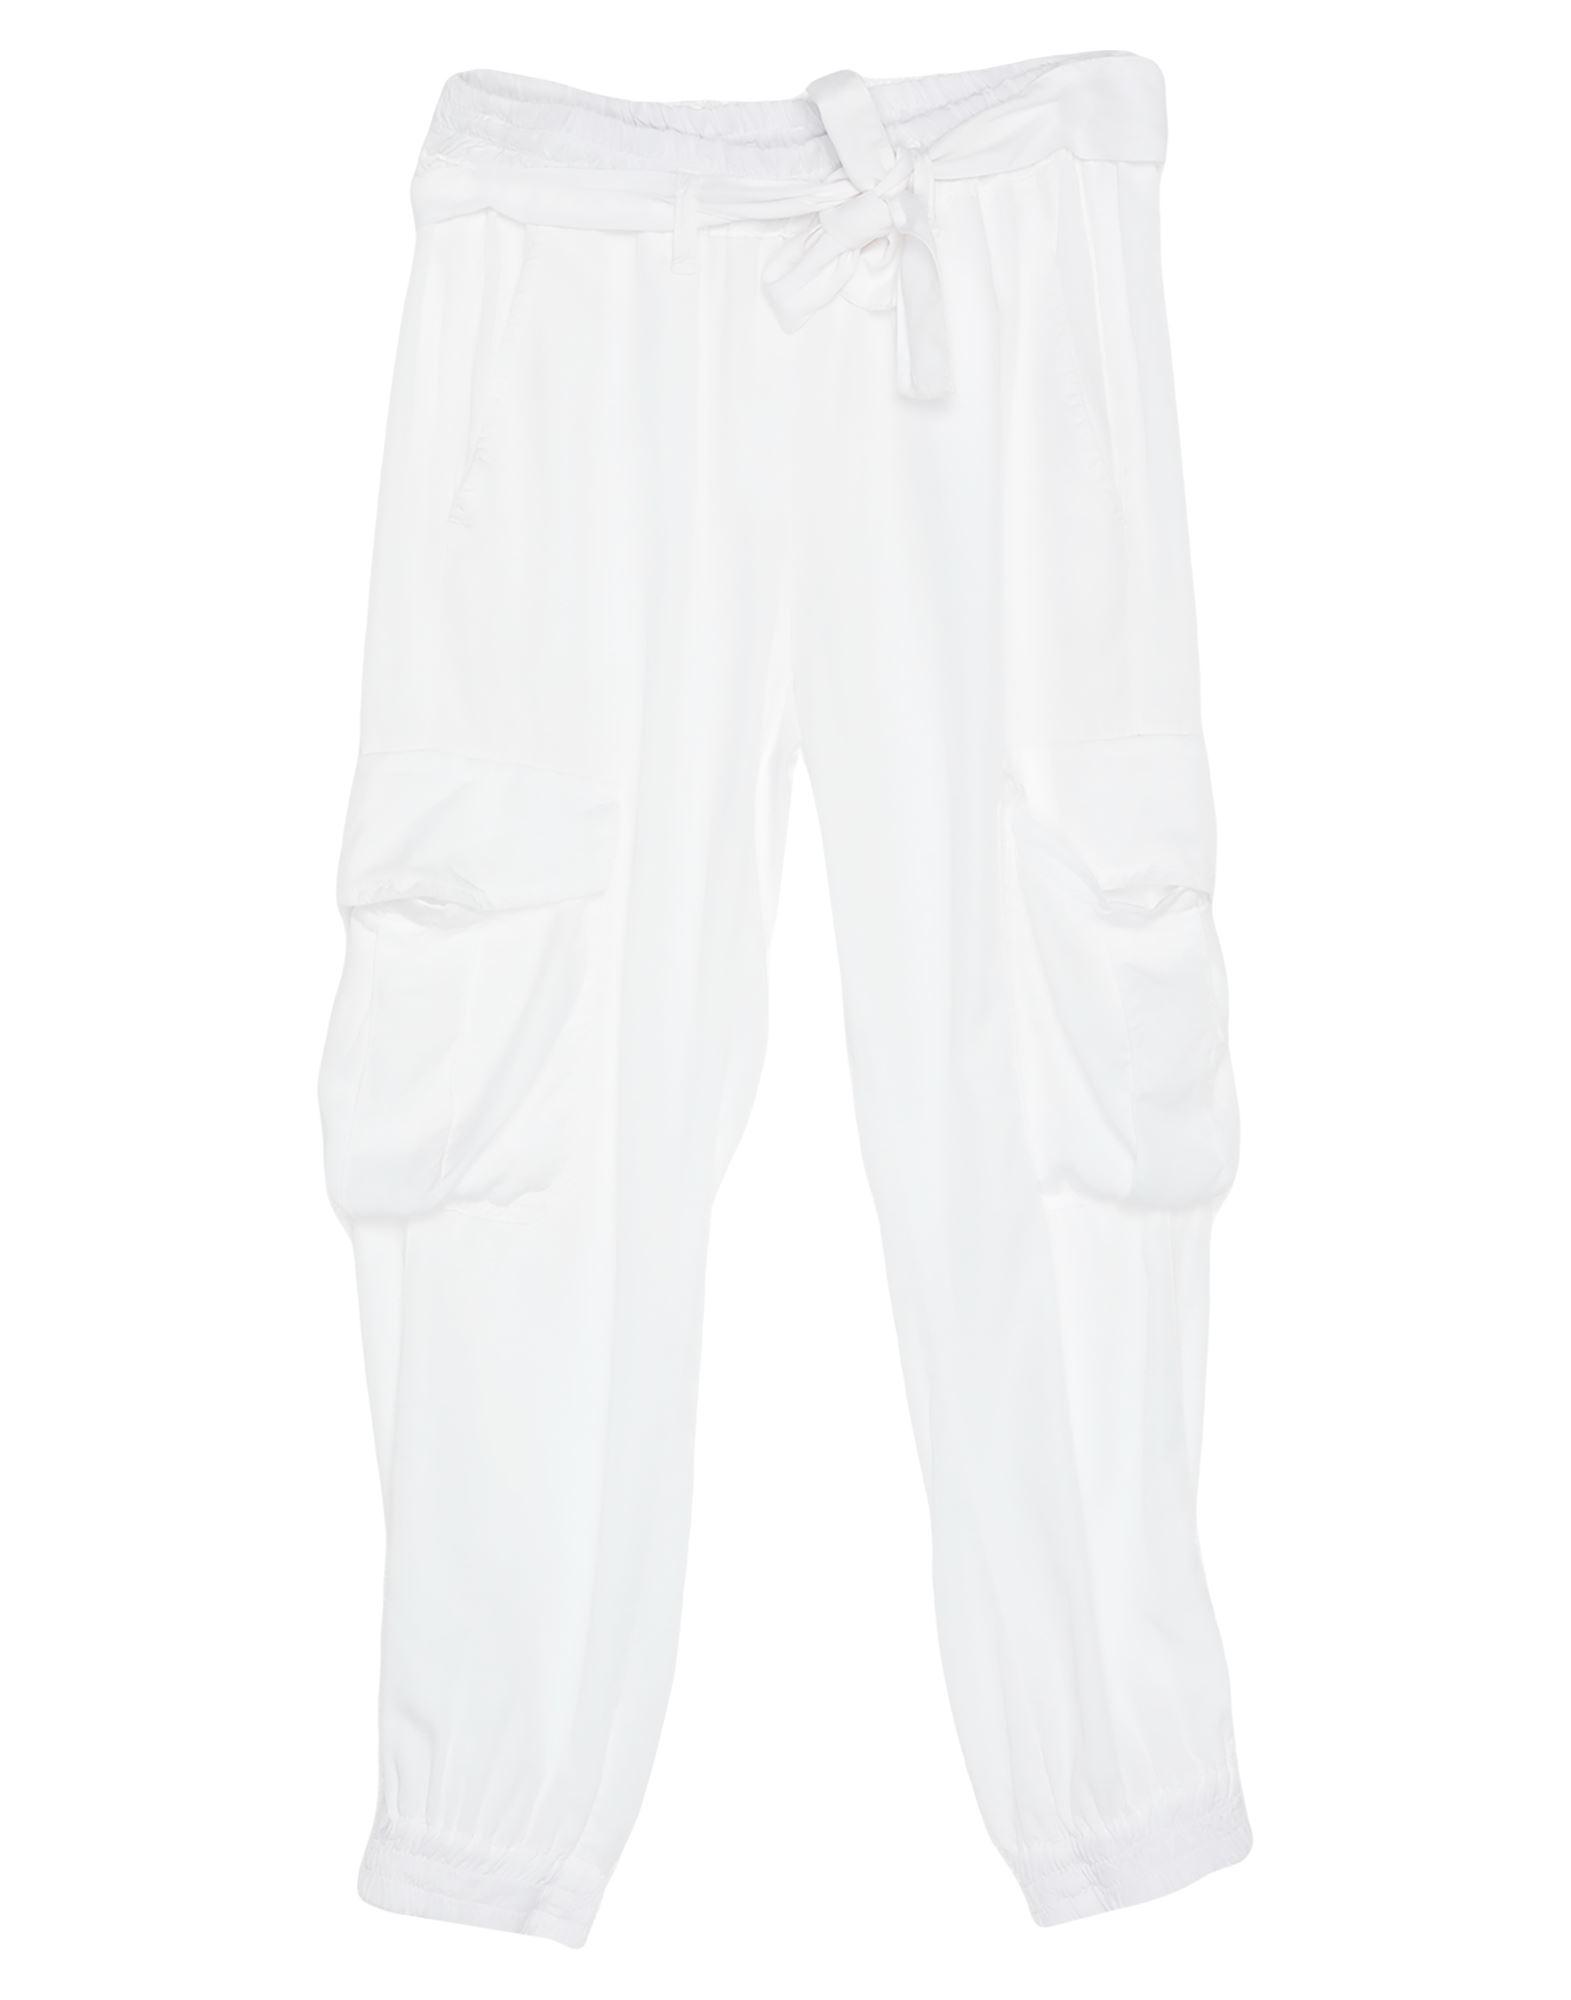 《セール開催中》L'AIR DE RIEN レディース パンツ ホワイト 26 指定外繊維(テンセル)? 100%